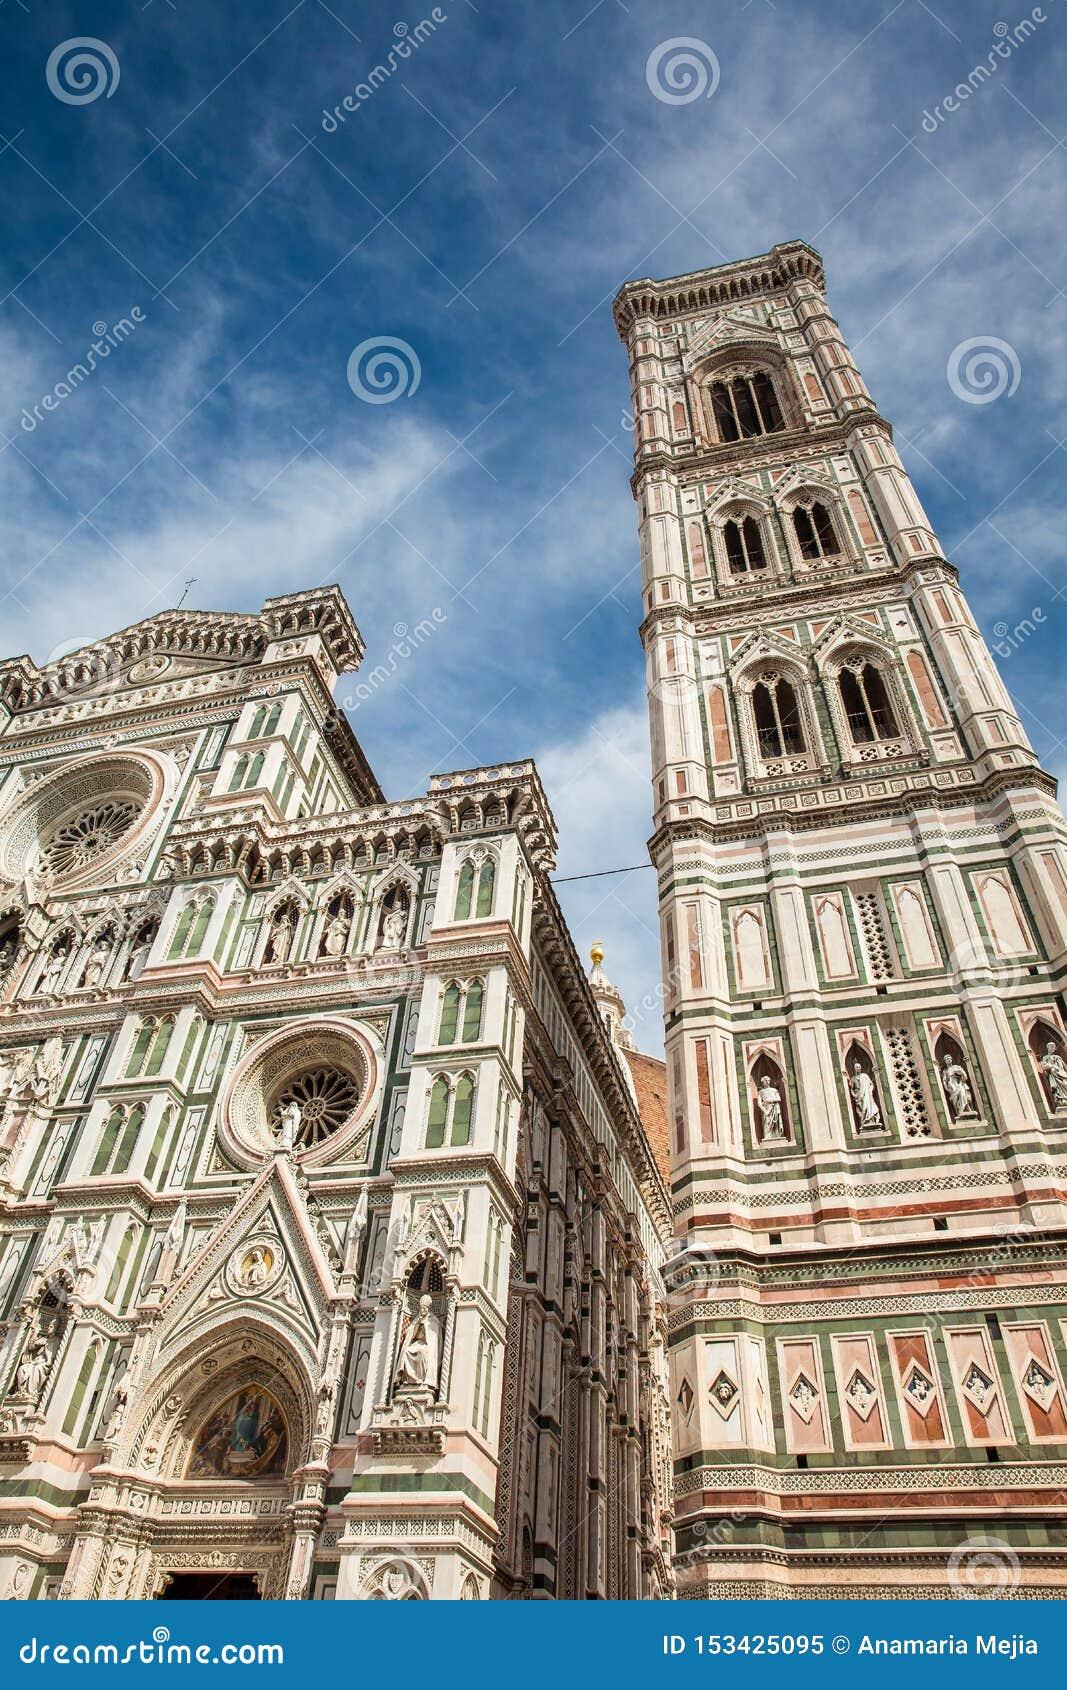 乔托钟楼在1436年和圣母百花圣殿奉献的